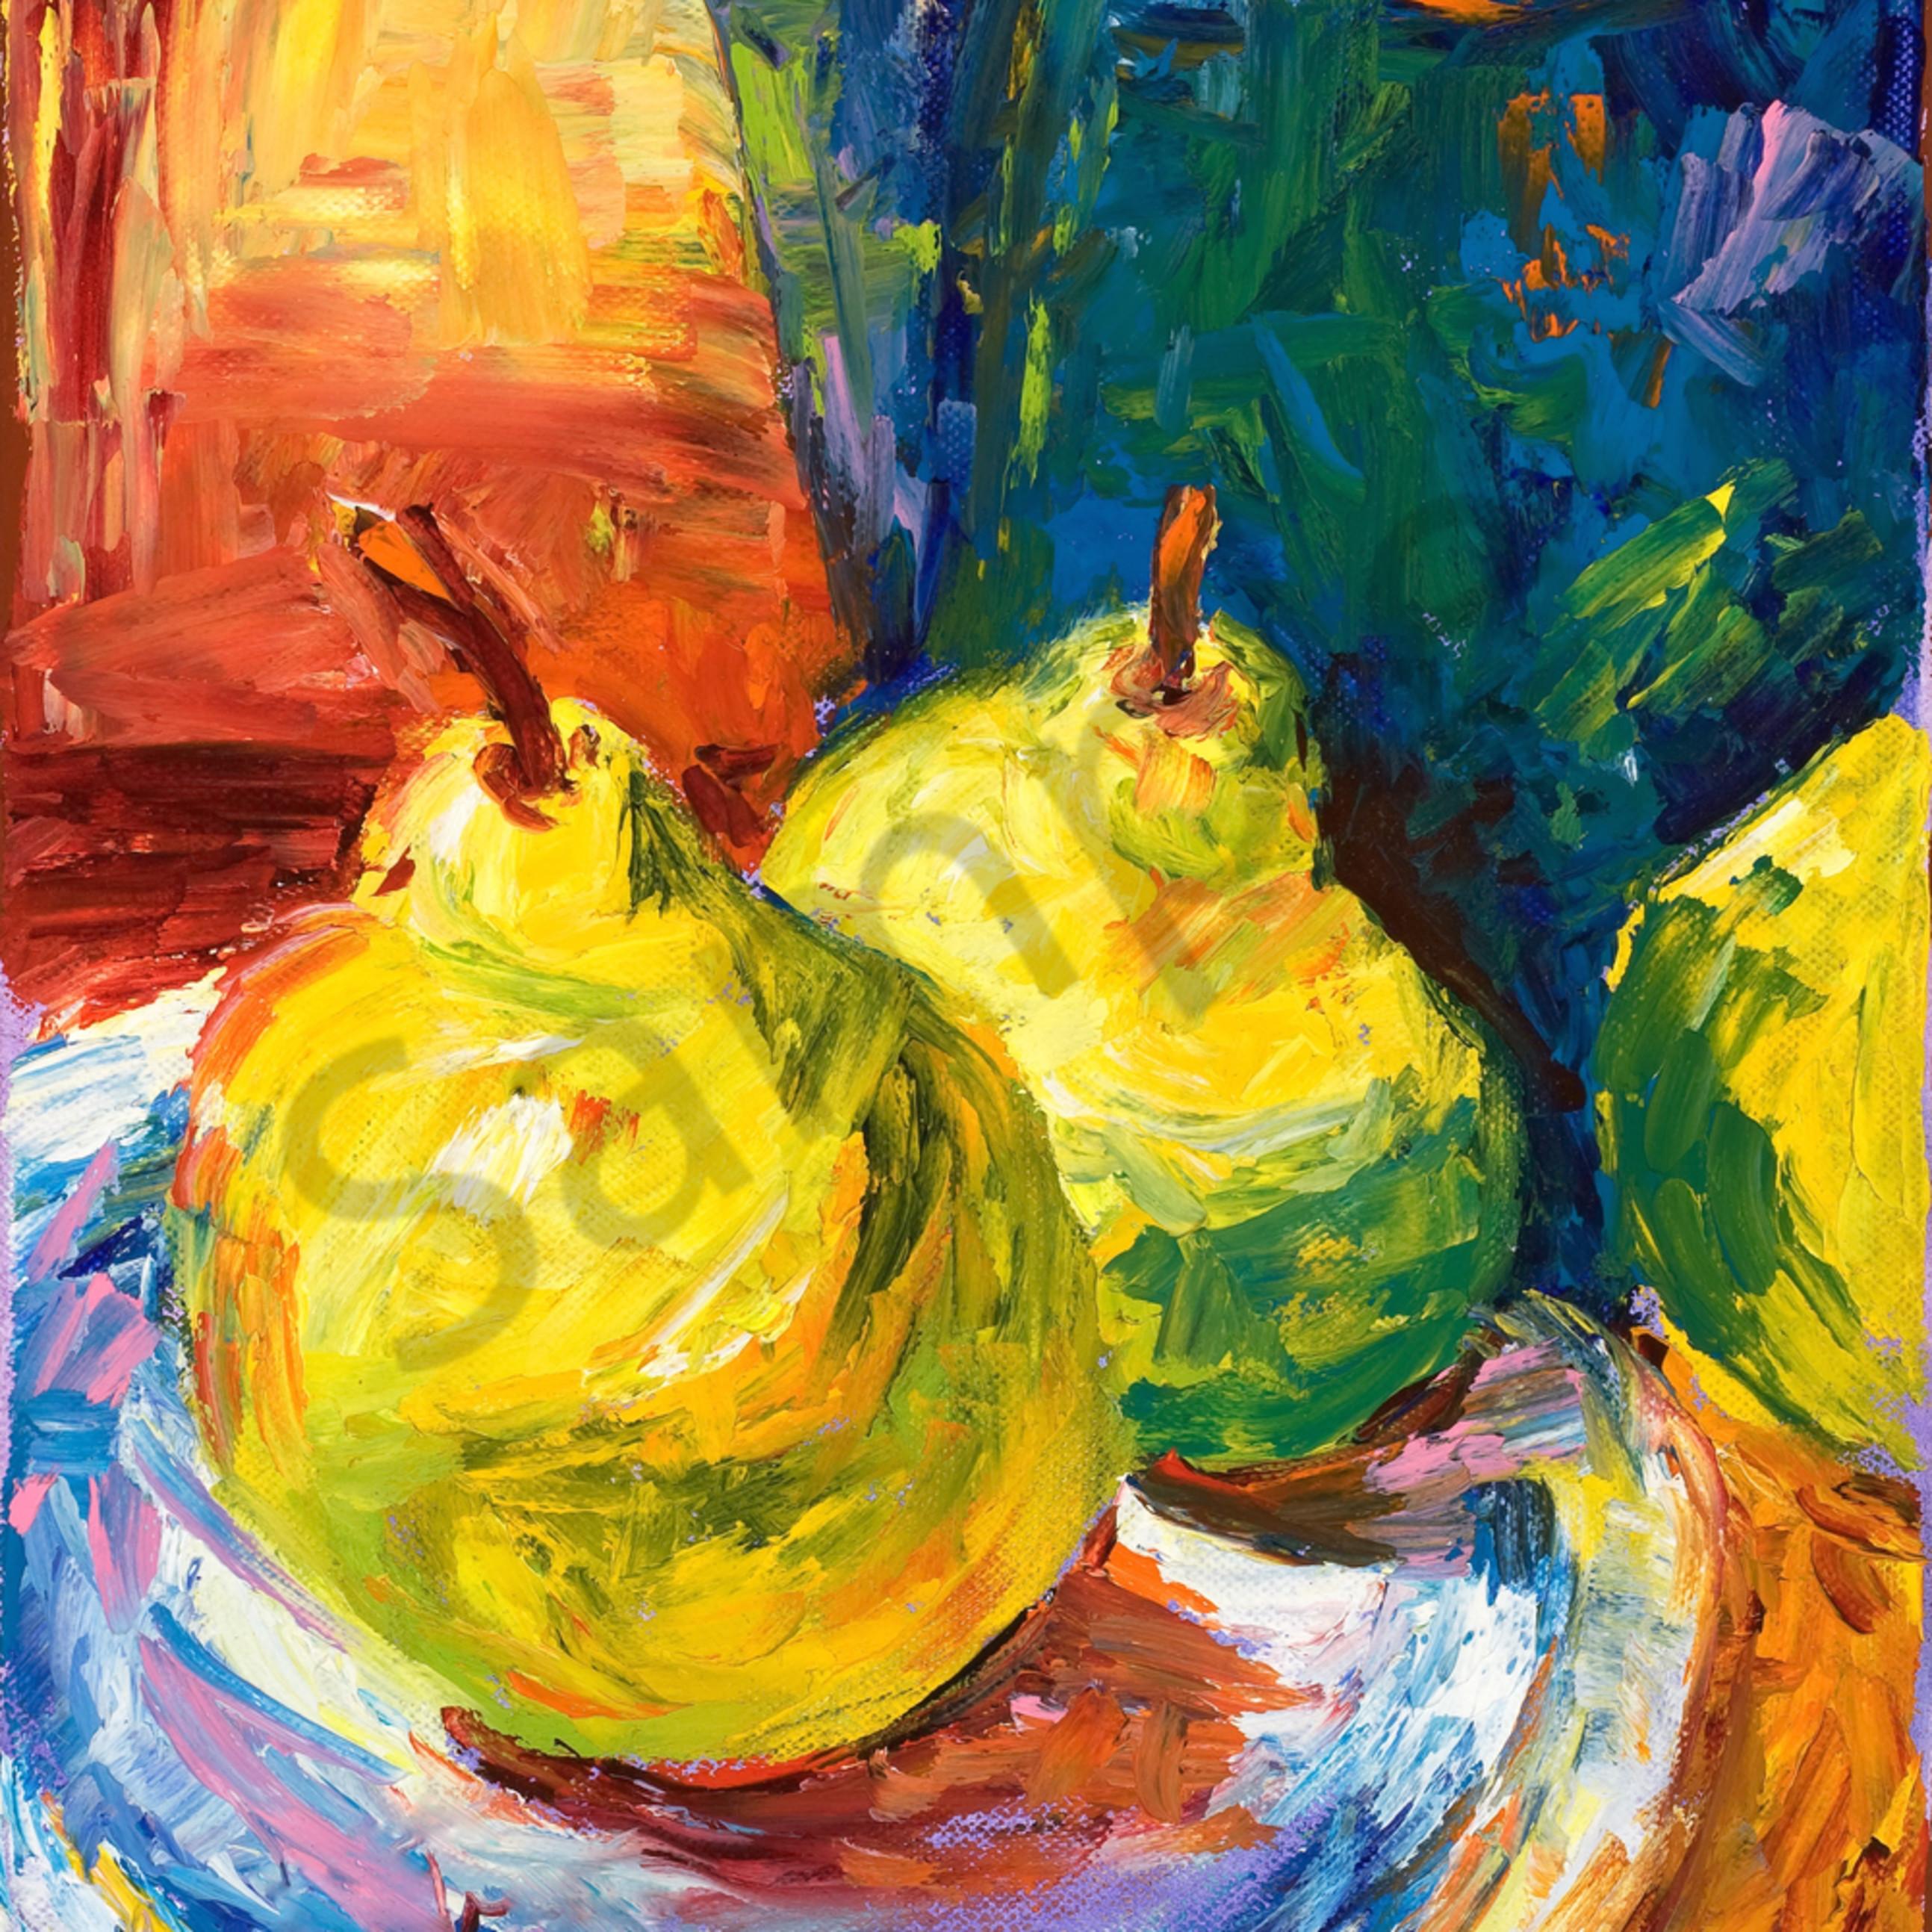 Pears el5rkn